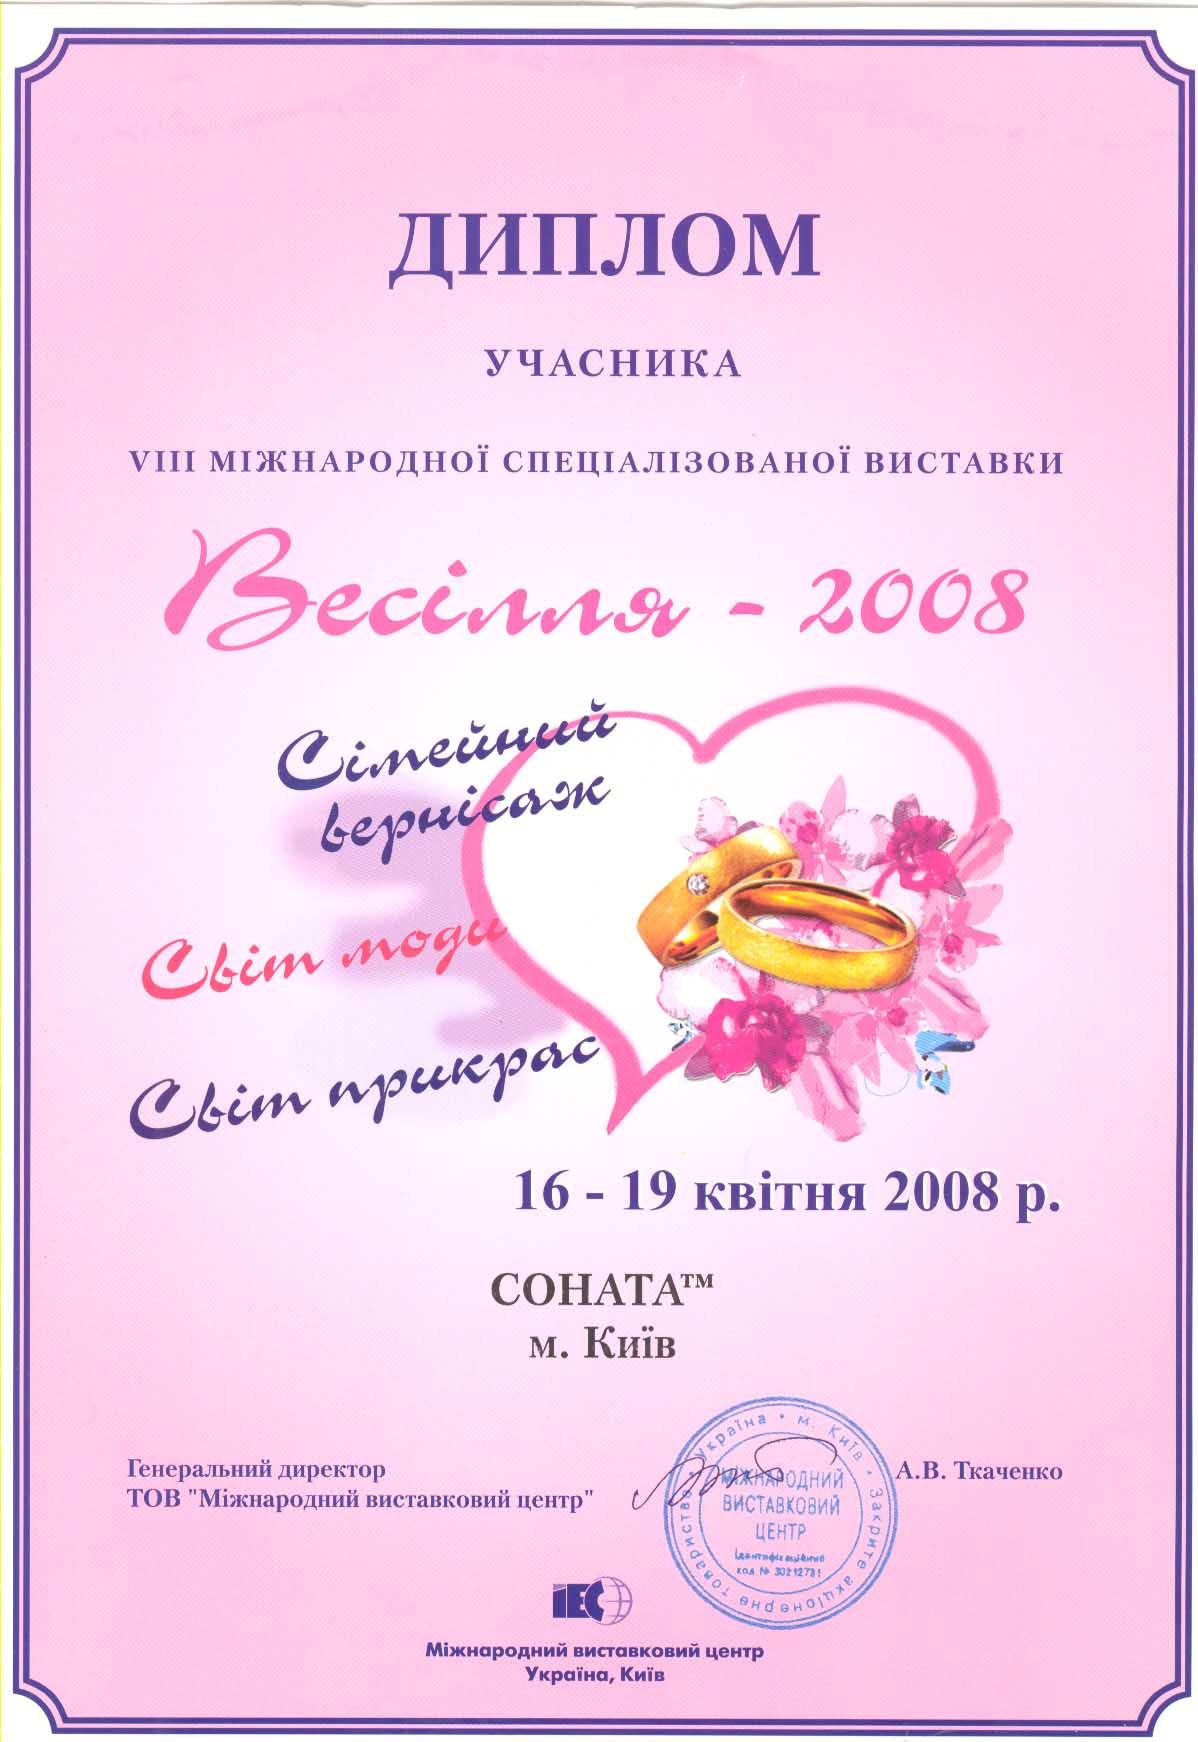 Диплом участника специализированной выставки Весілля-2008